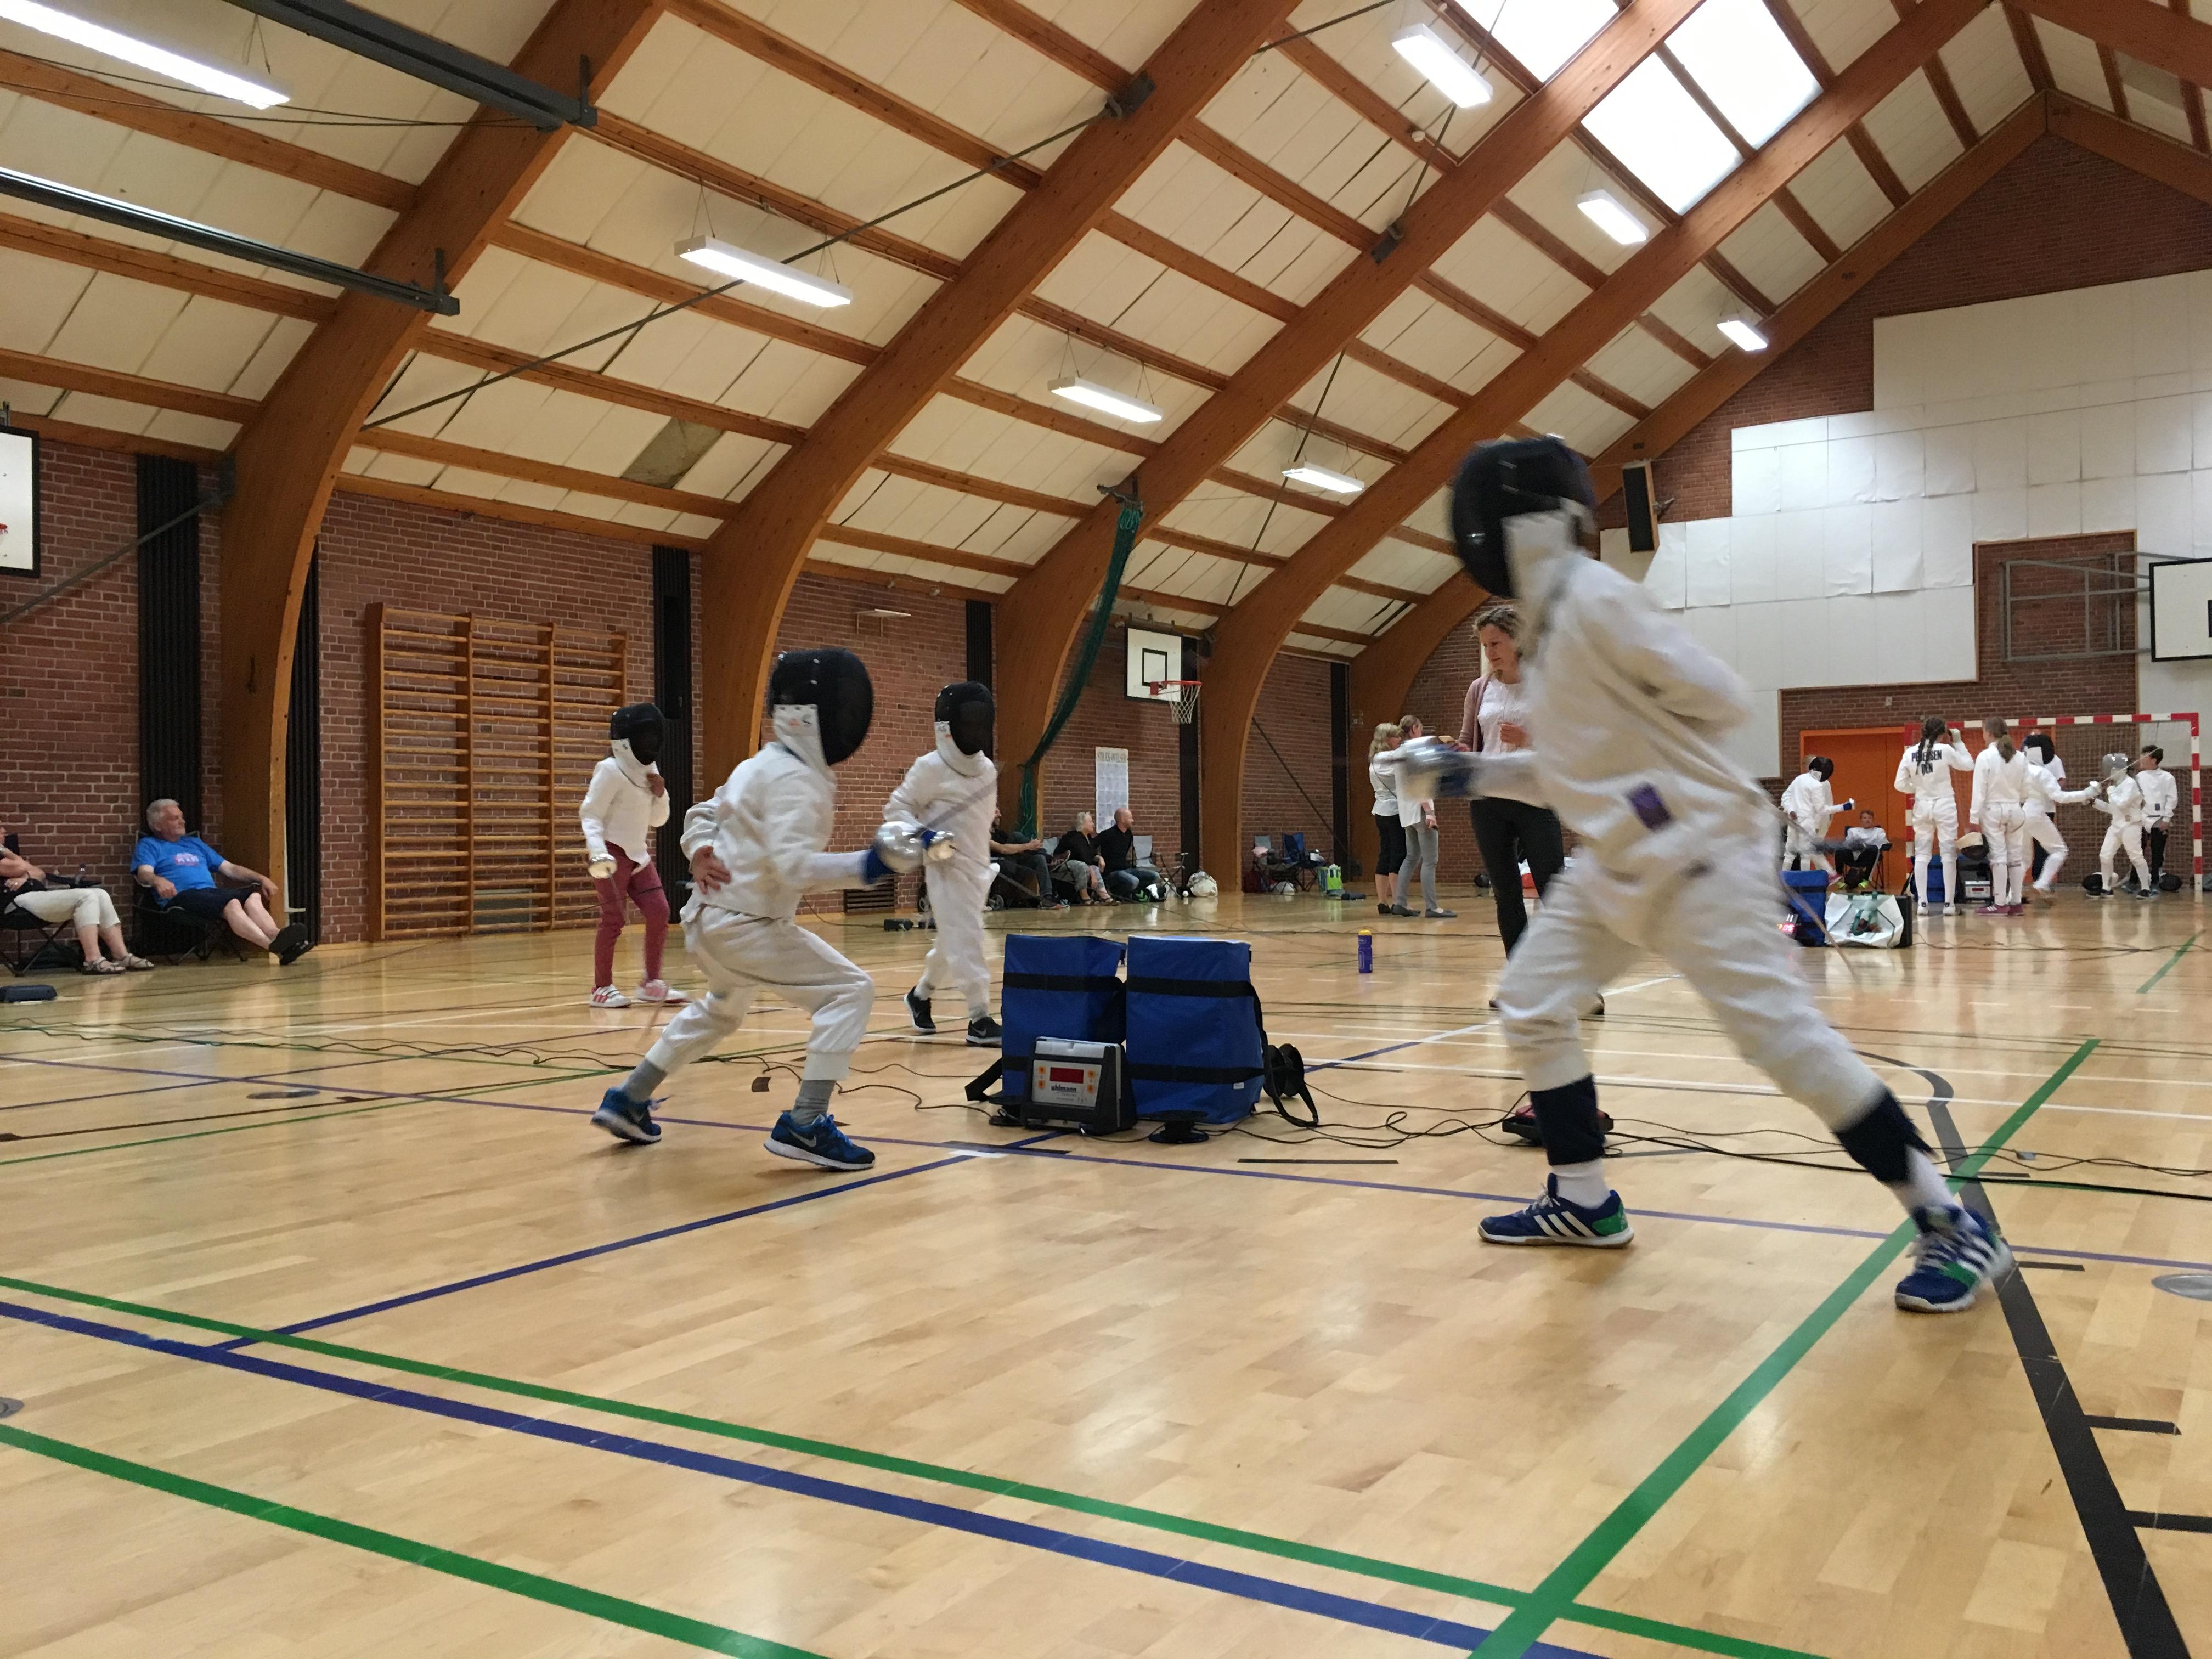 Hallen på Hestedvester Skole fyldt med dystende hvidklædte fægtere - fra Vestegnsmesterskaberne, juni 2016